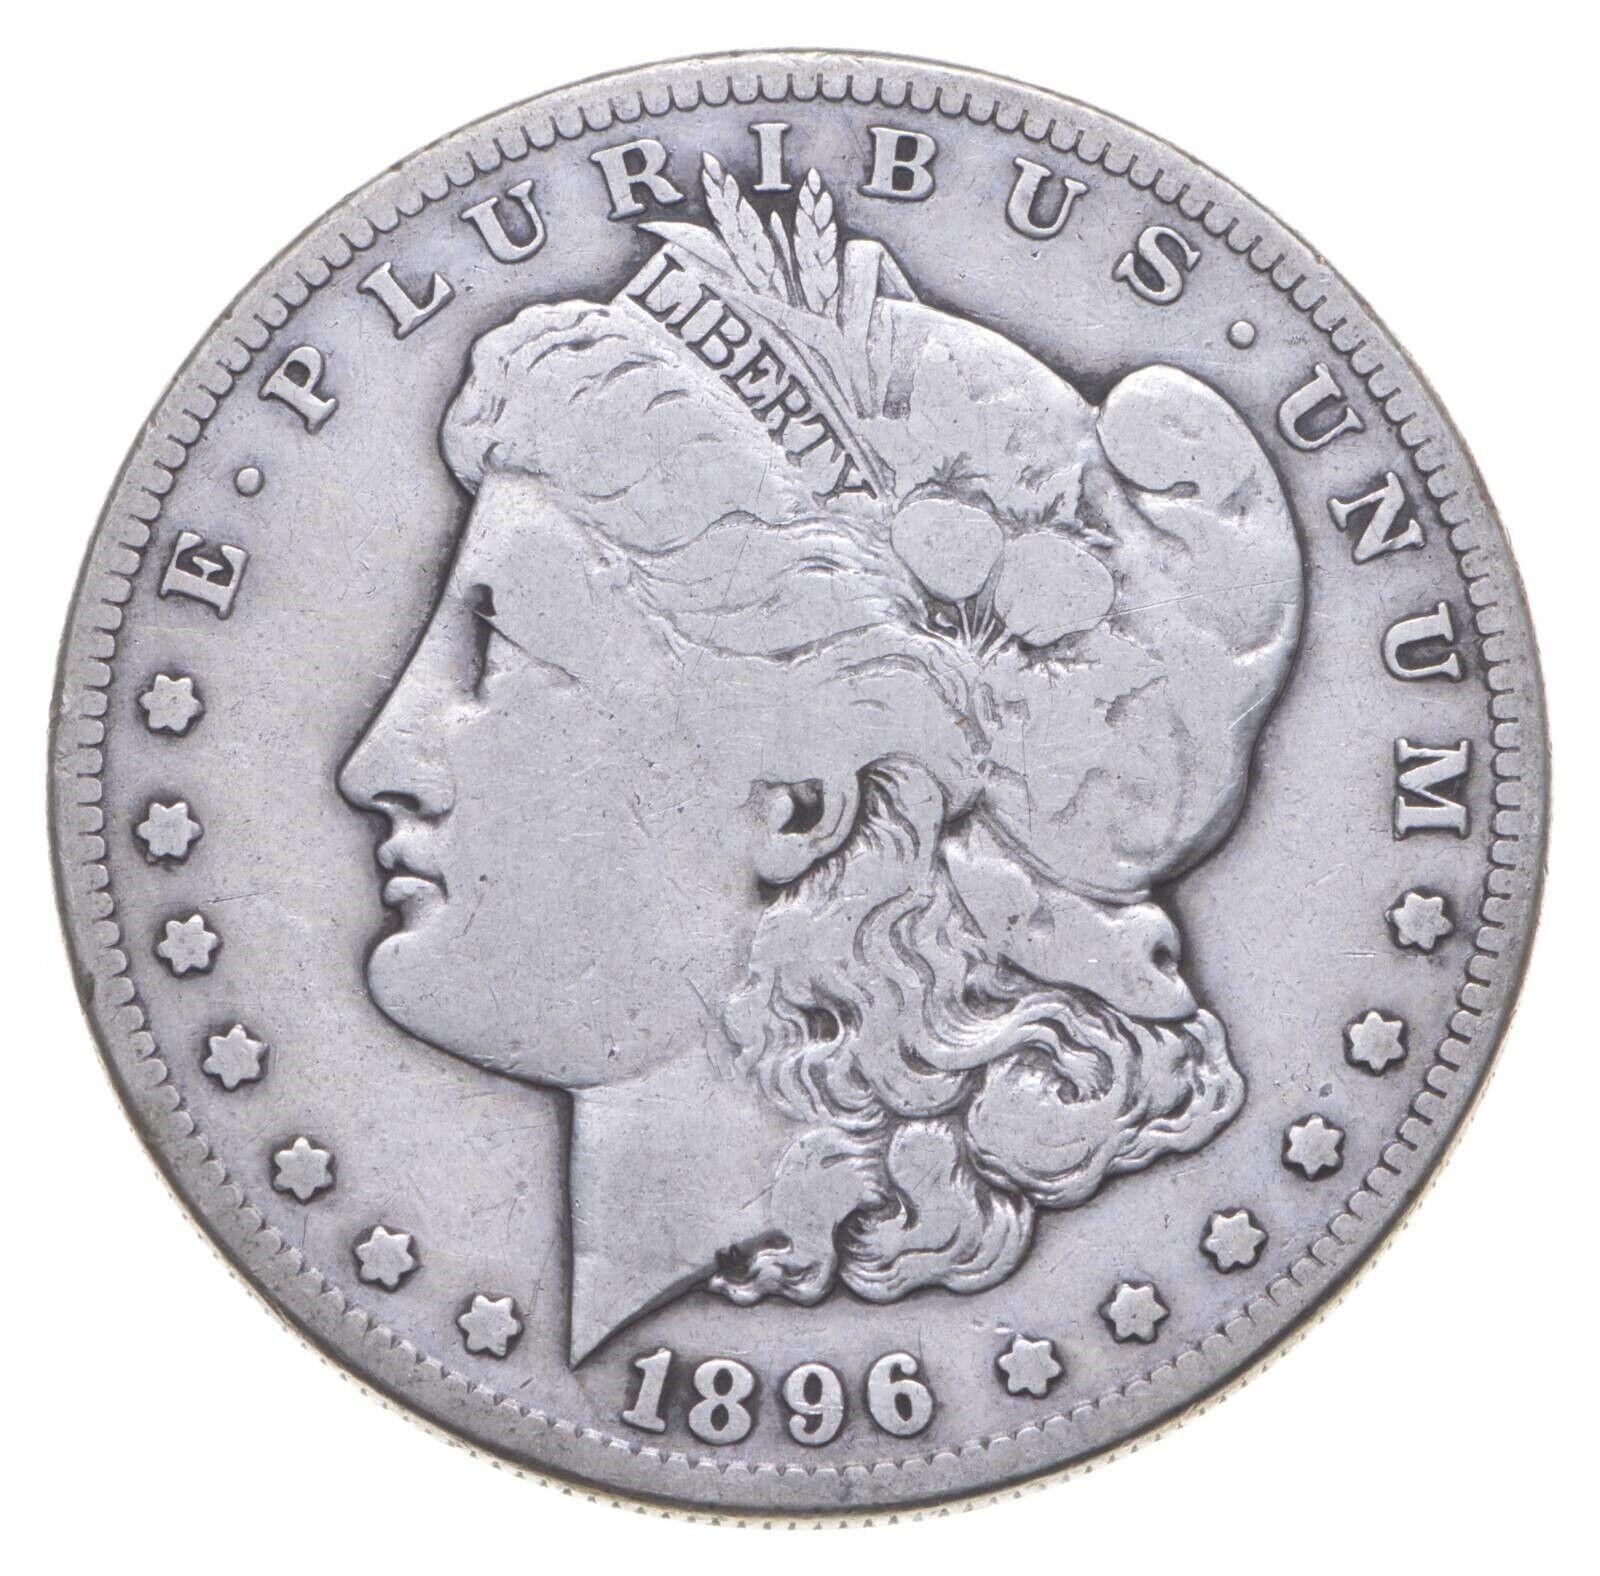 RARE - 1896-S Morgan Silver Dollar - Very TOUGH - High Redbook 504 - $57.56